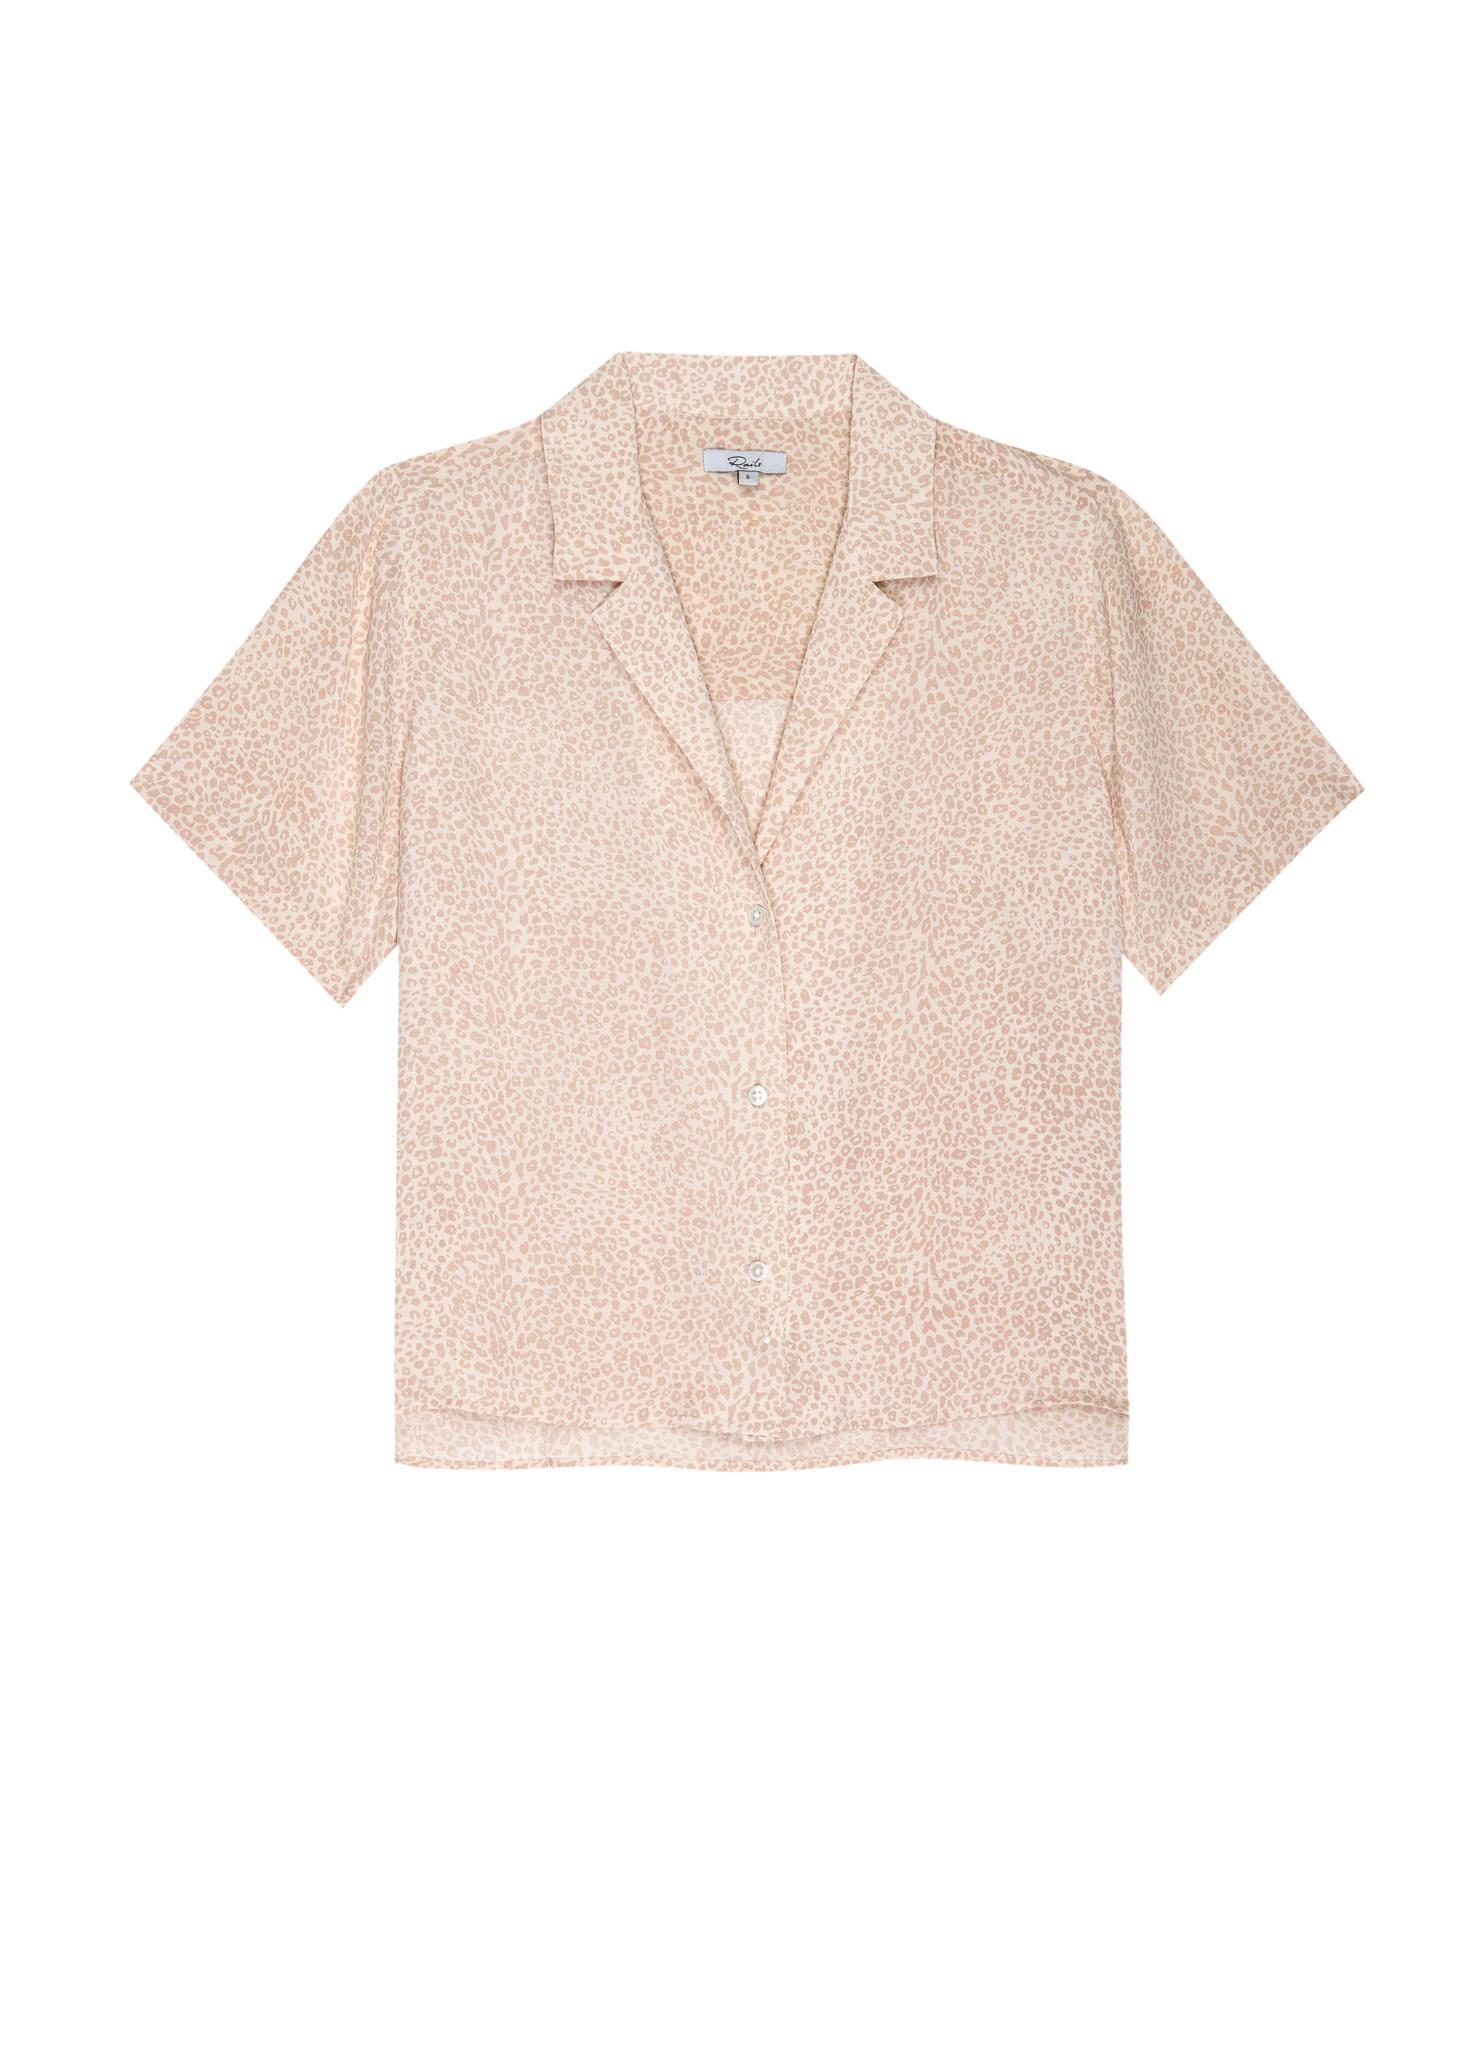 RAILS Maui shirt